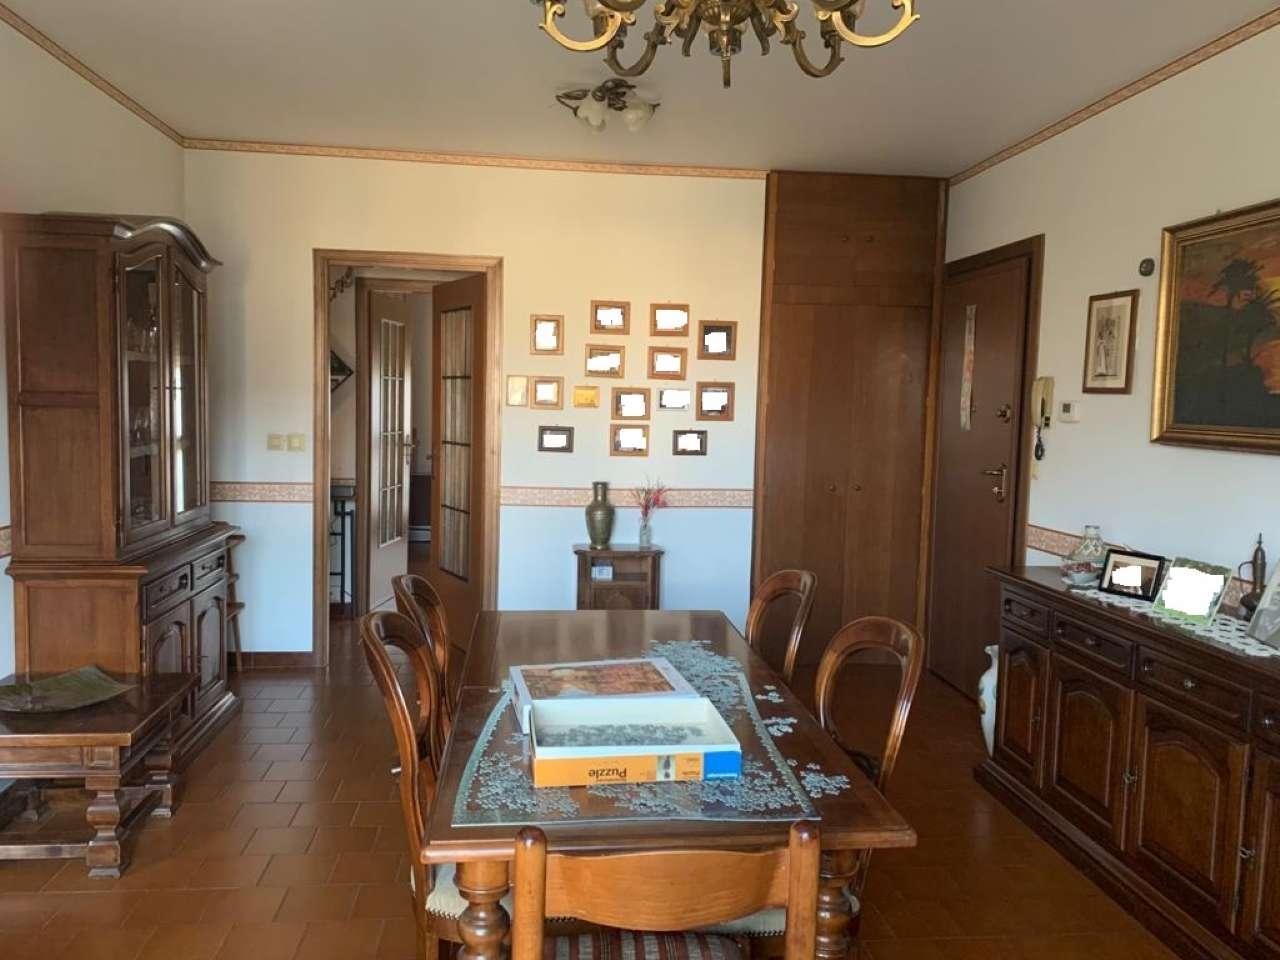 Appartamento in vendita a Cuneo, 4 locali, prezzo € 80.000 | CambioCasa.it